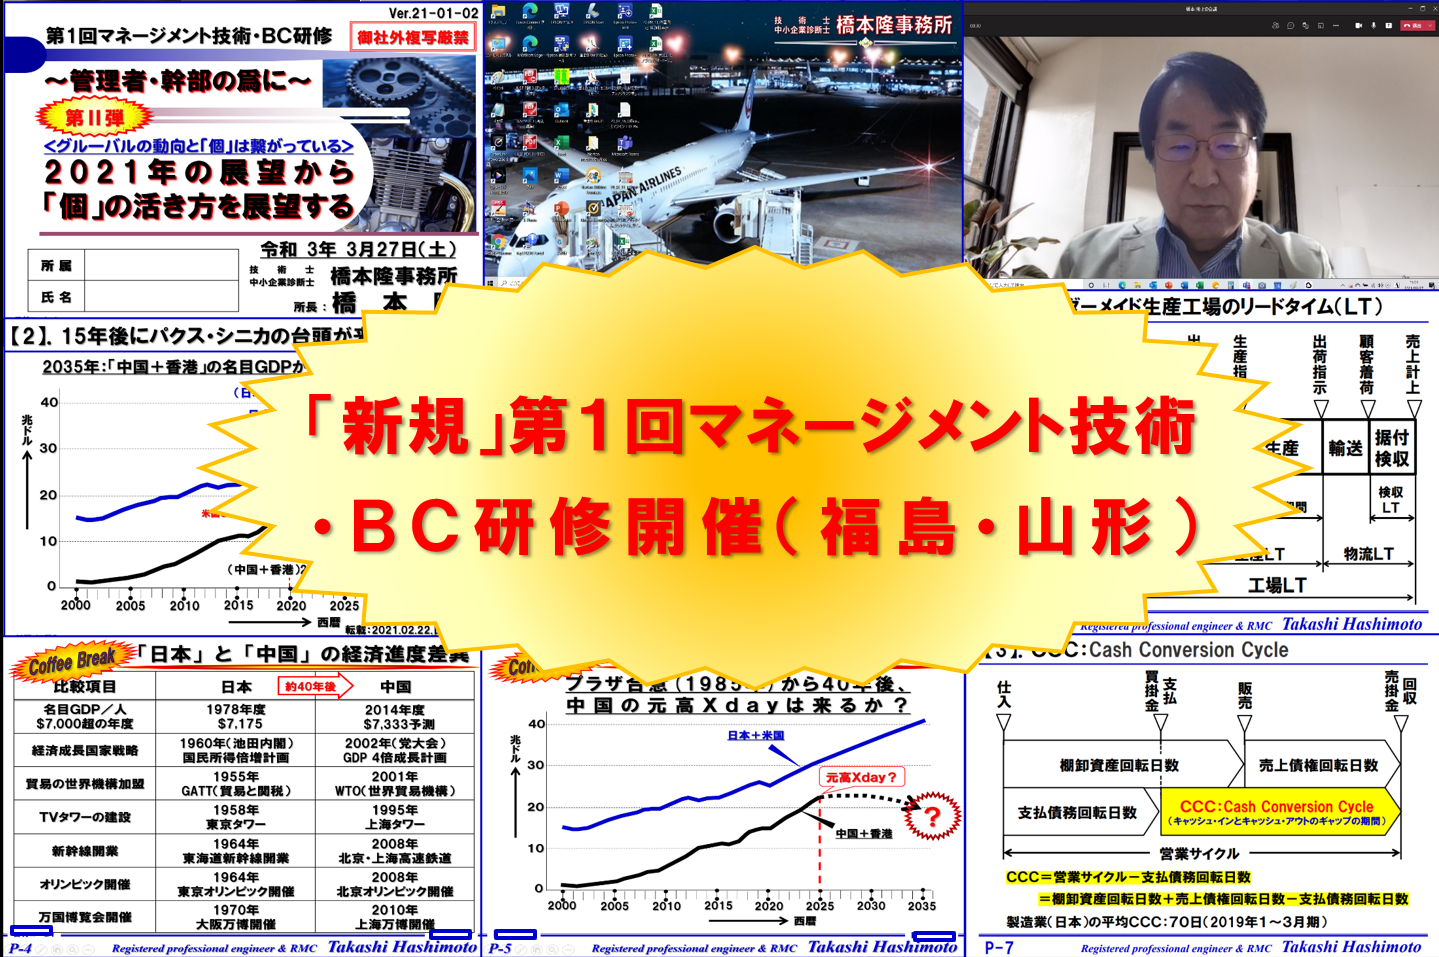 21_03_27_「新規」第1回マネージメント技術・BC研修開催(福島・山形)_AA